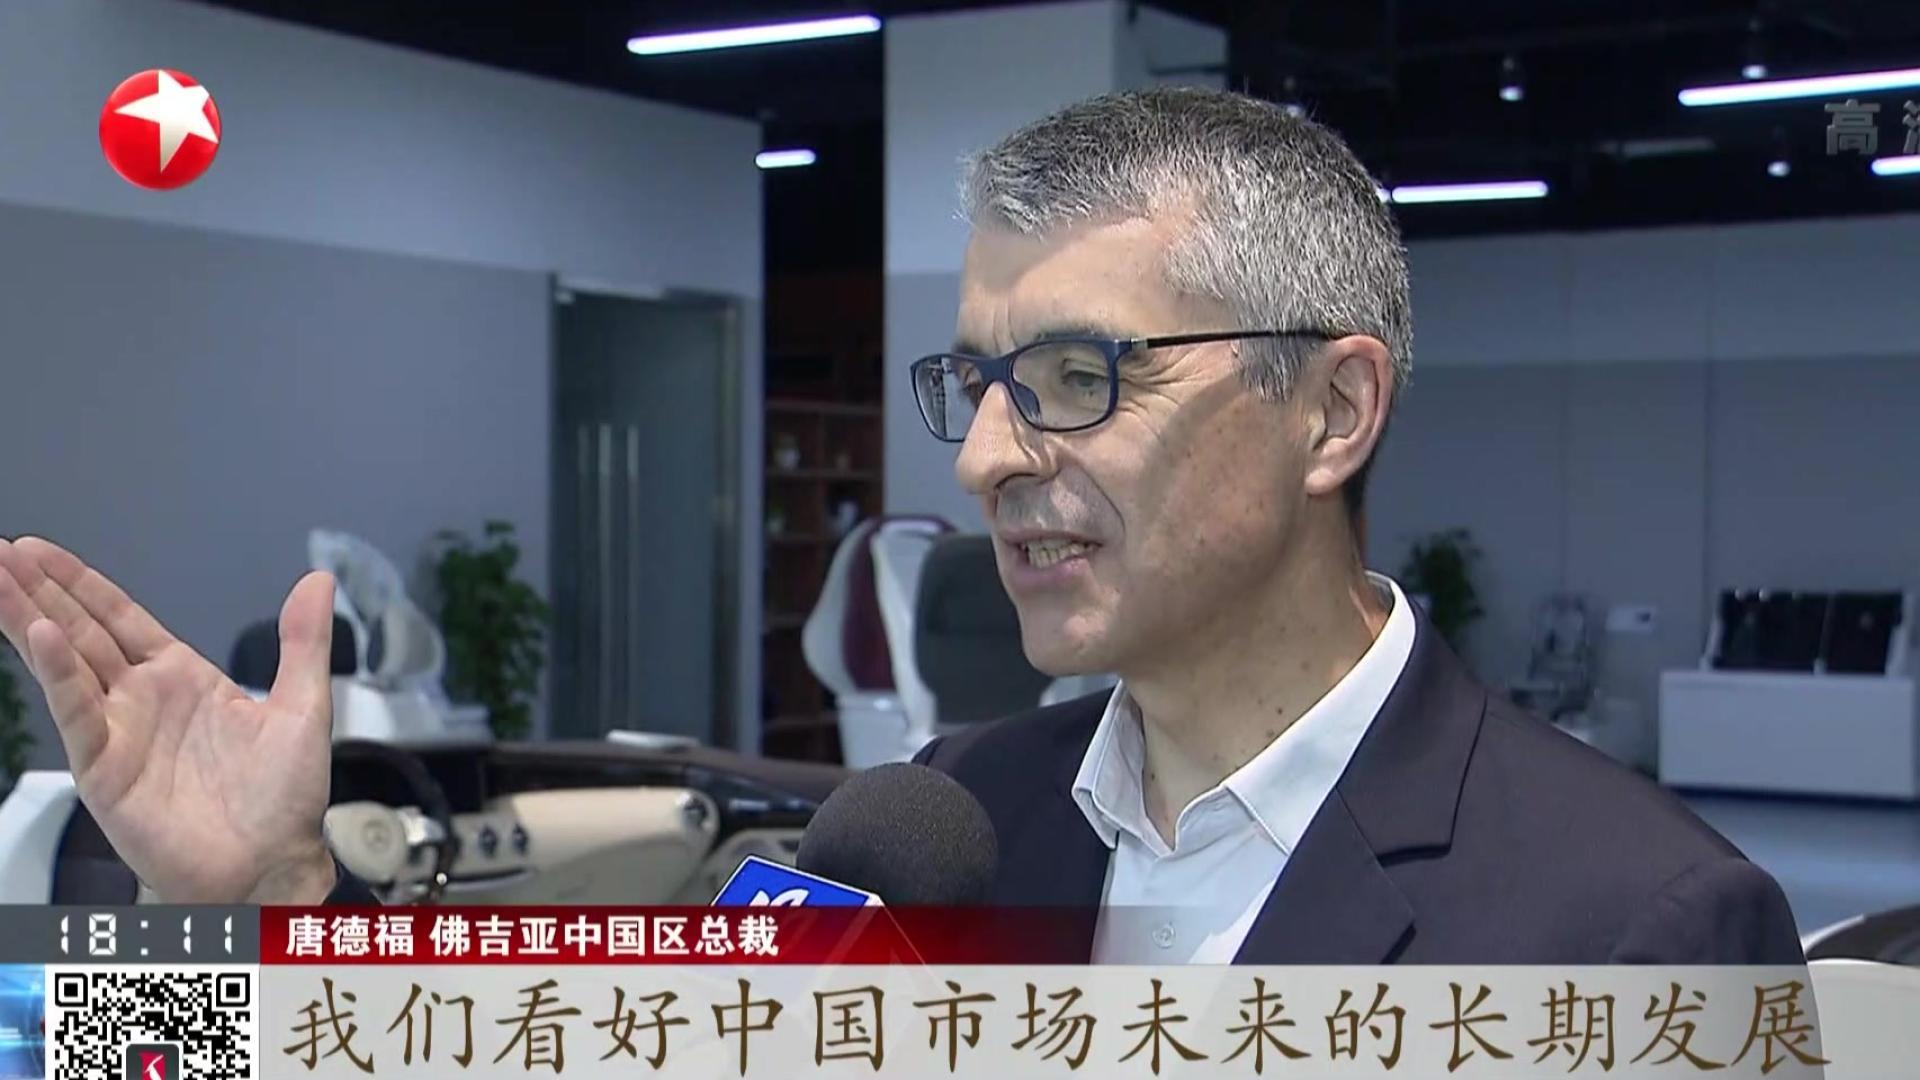 """上海:上半年引进外资""""快中趋稳""""  实到外资近百亿美元"""